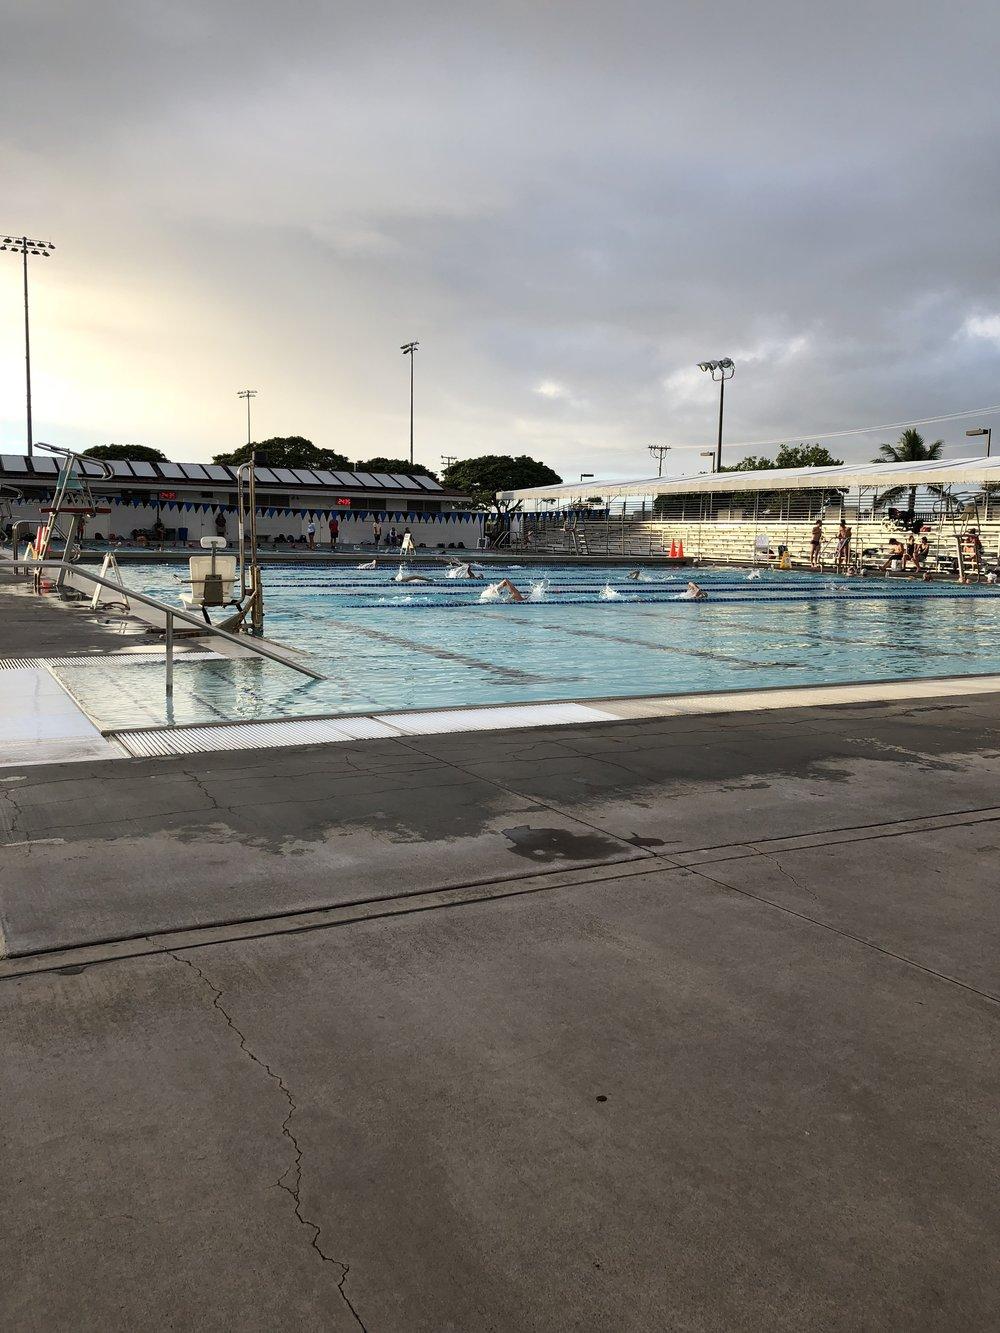 Kona Aquatic Center